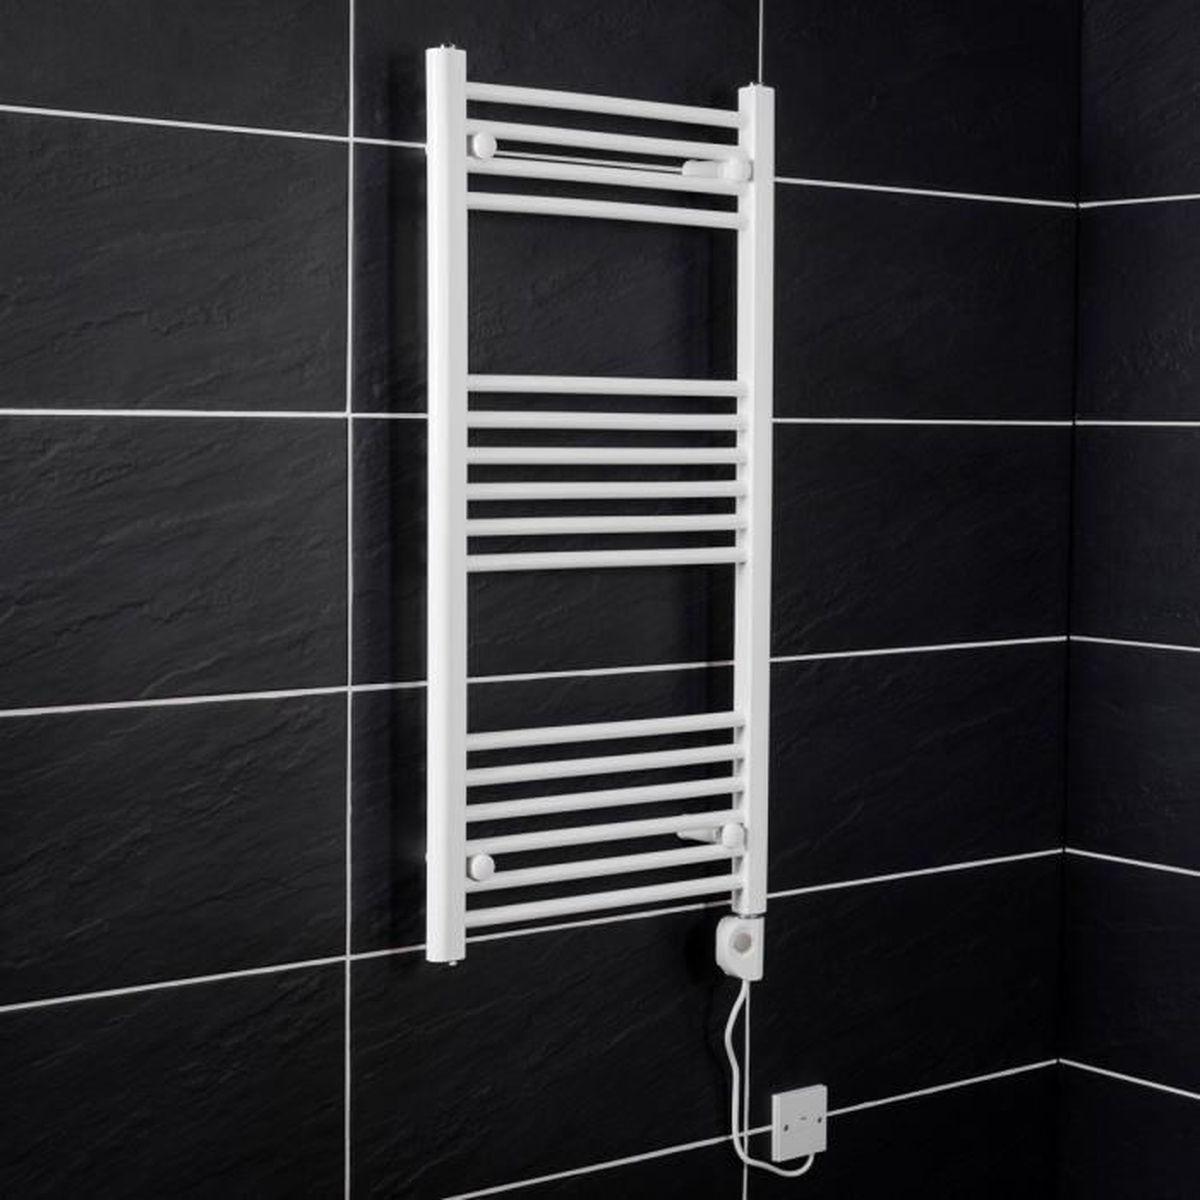 seche serviette electrique 1000w achat vente seche. Black Bedroom Furniture Sets. Home Design Ideas